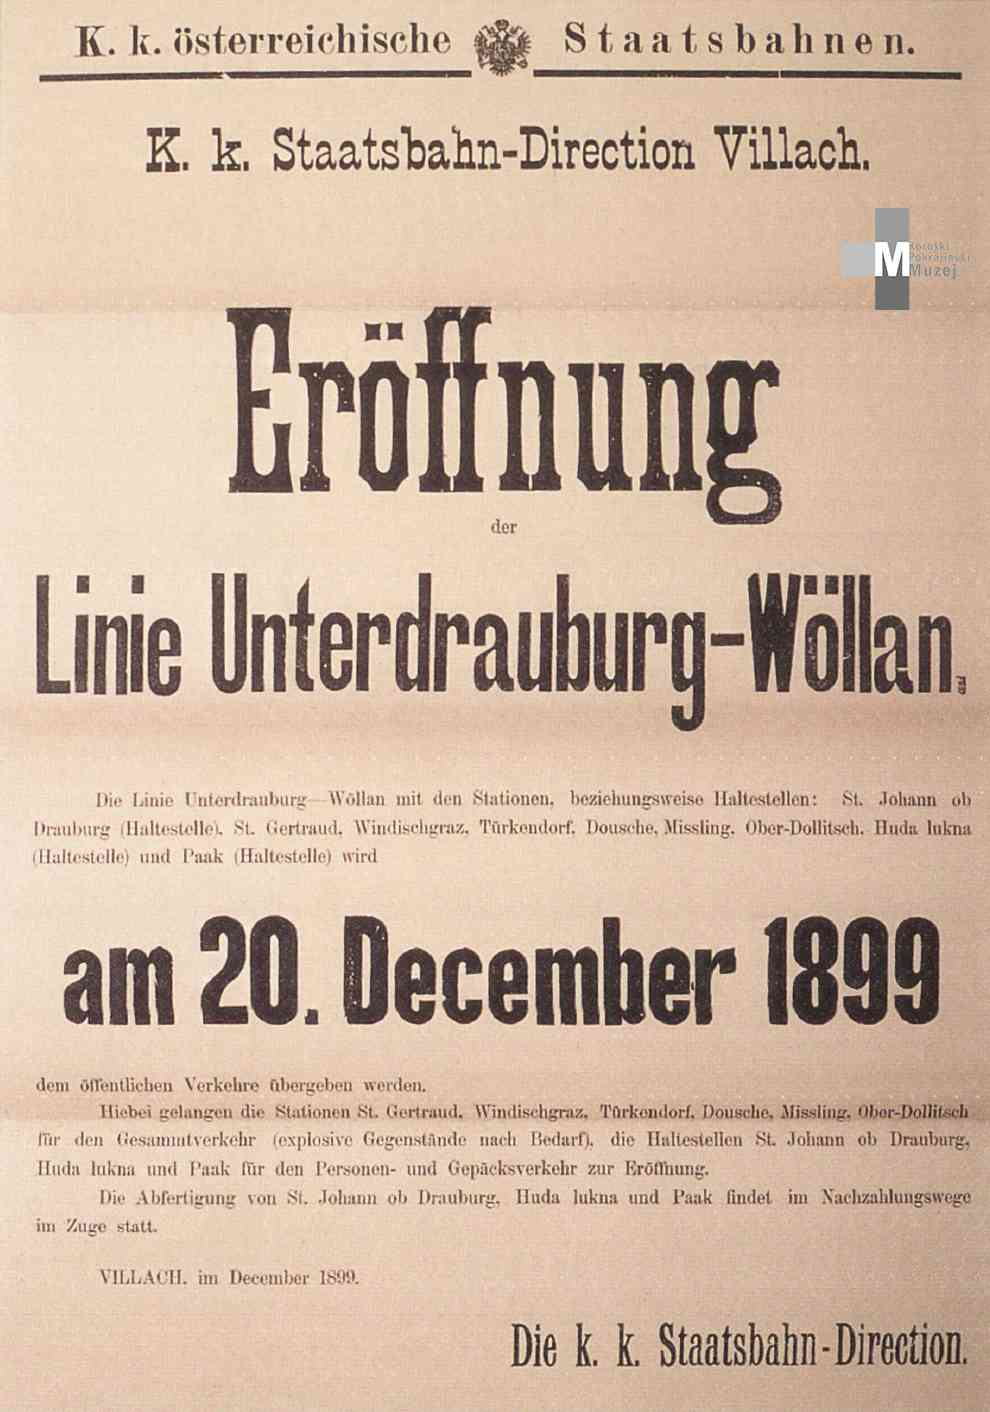 Štrekna - Letak ob odprtju proge Dravograd - Velenje, 20. december 1899.